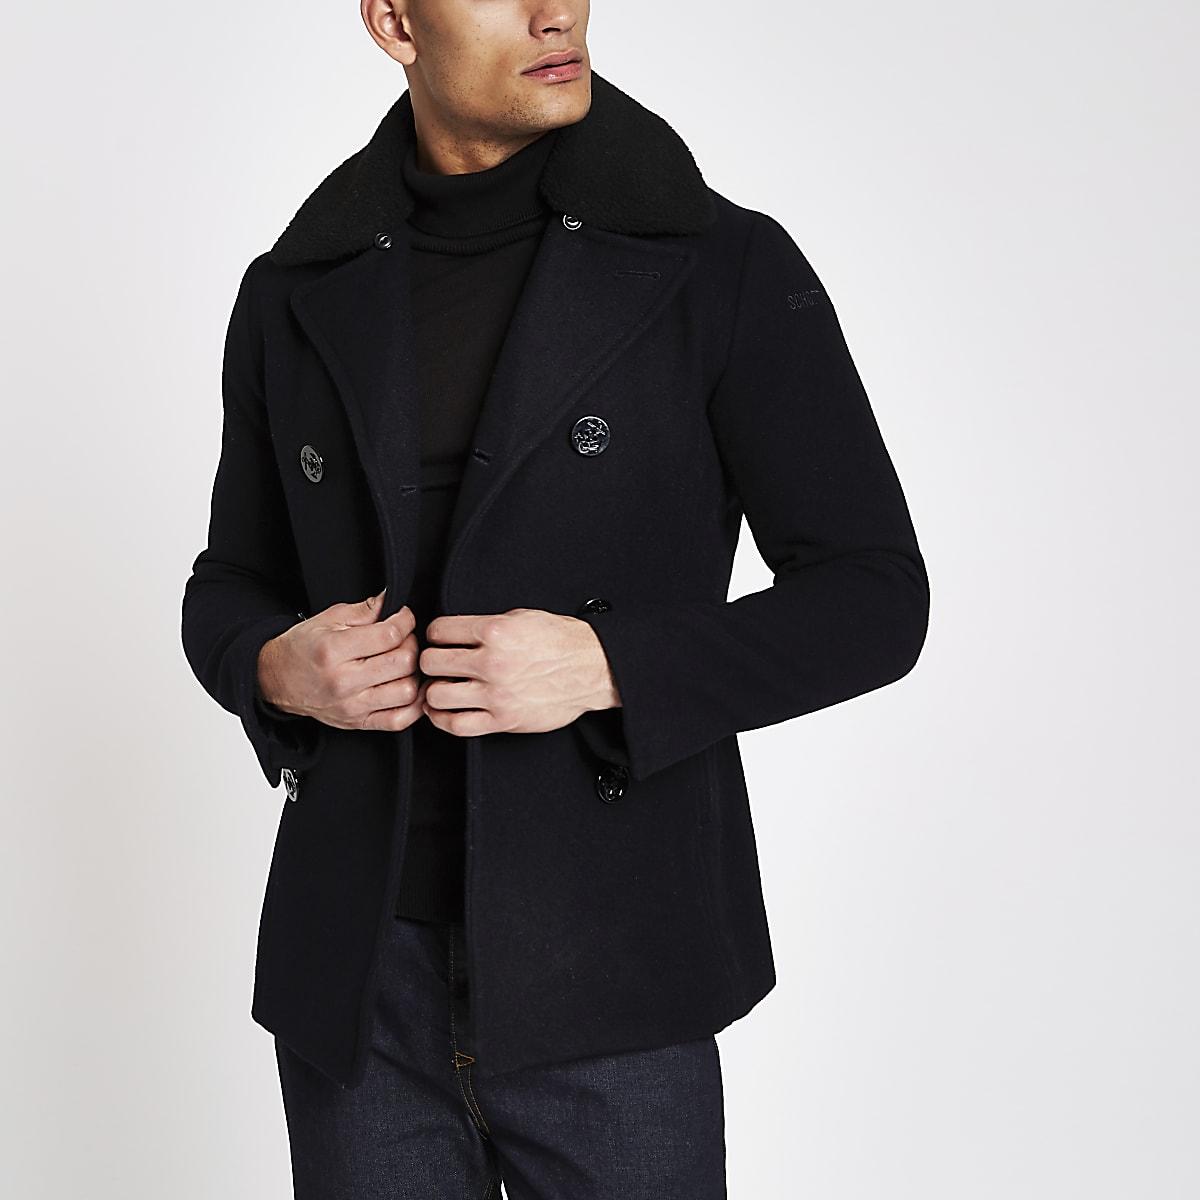 Schott navy wool blend fleece peacoat